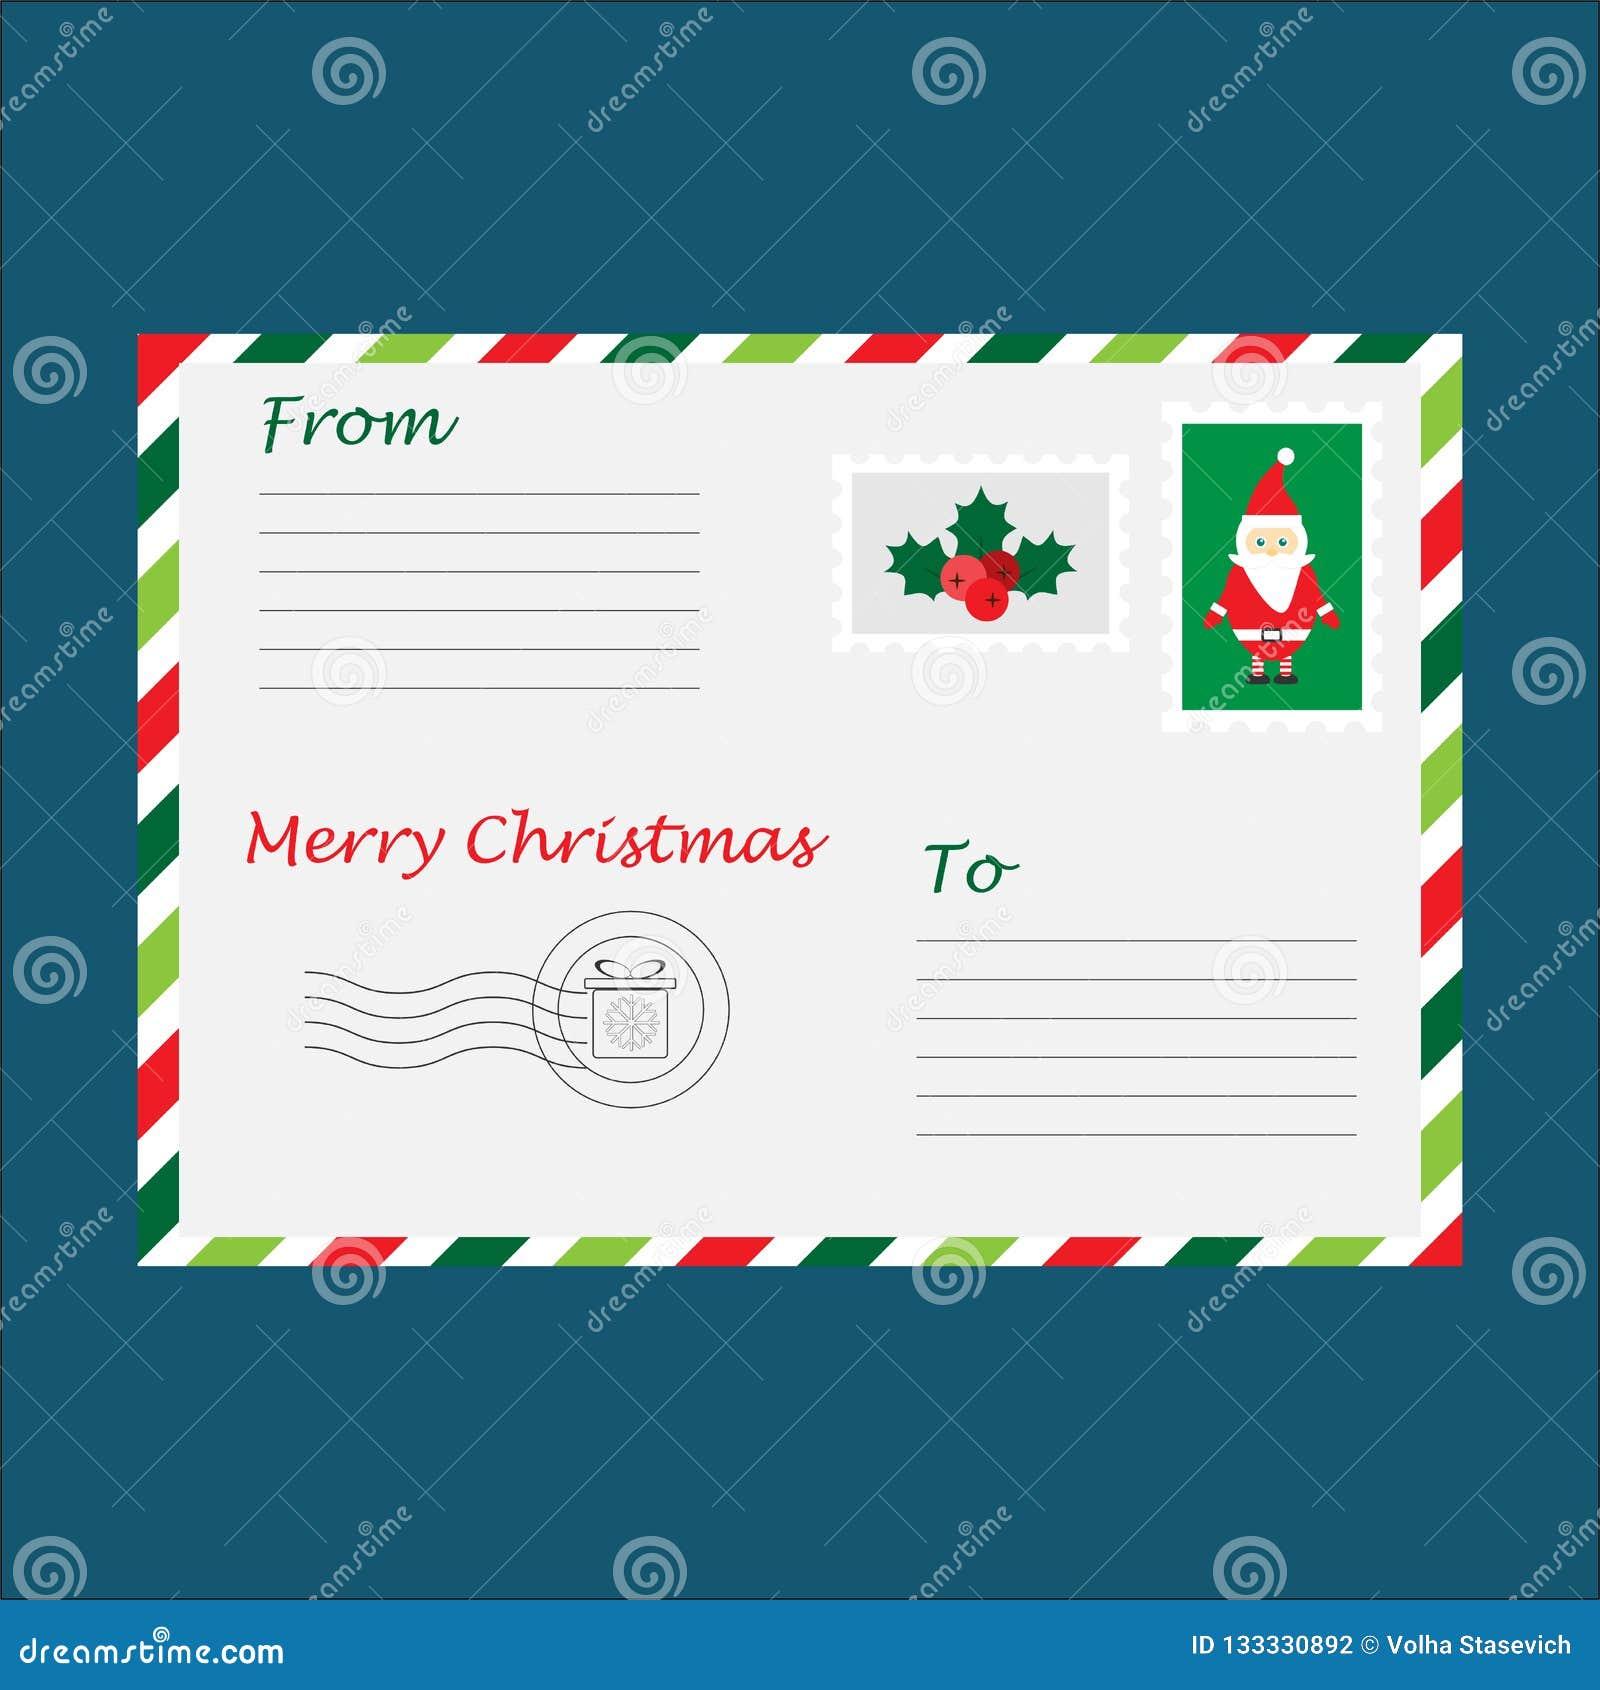 Christmas Envelope For Letter To Santa Claus For Children